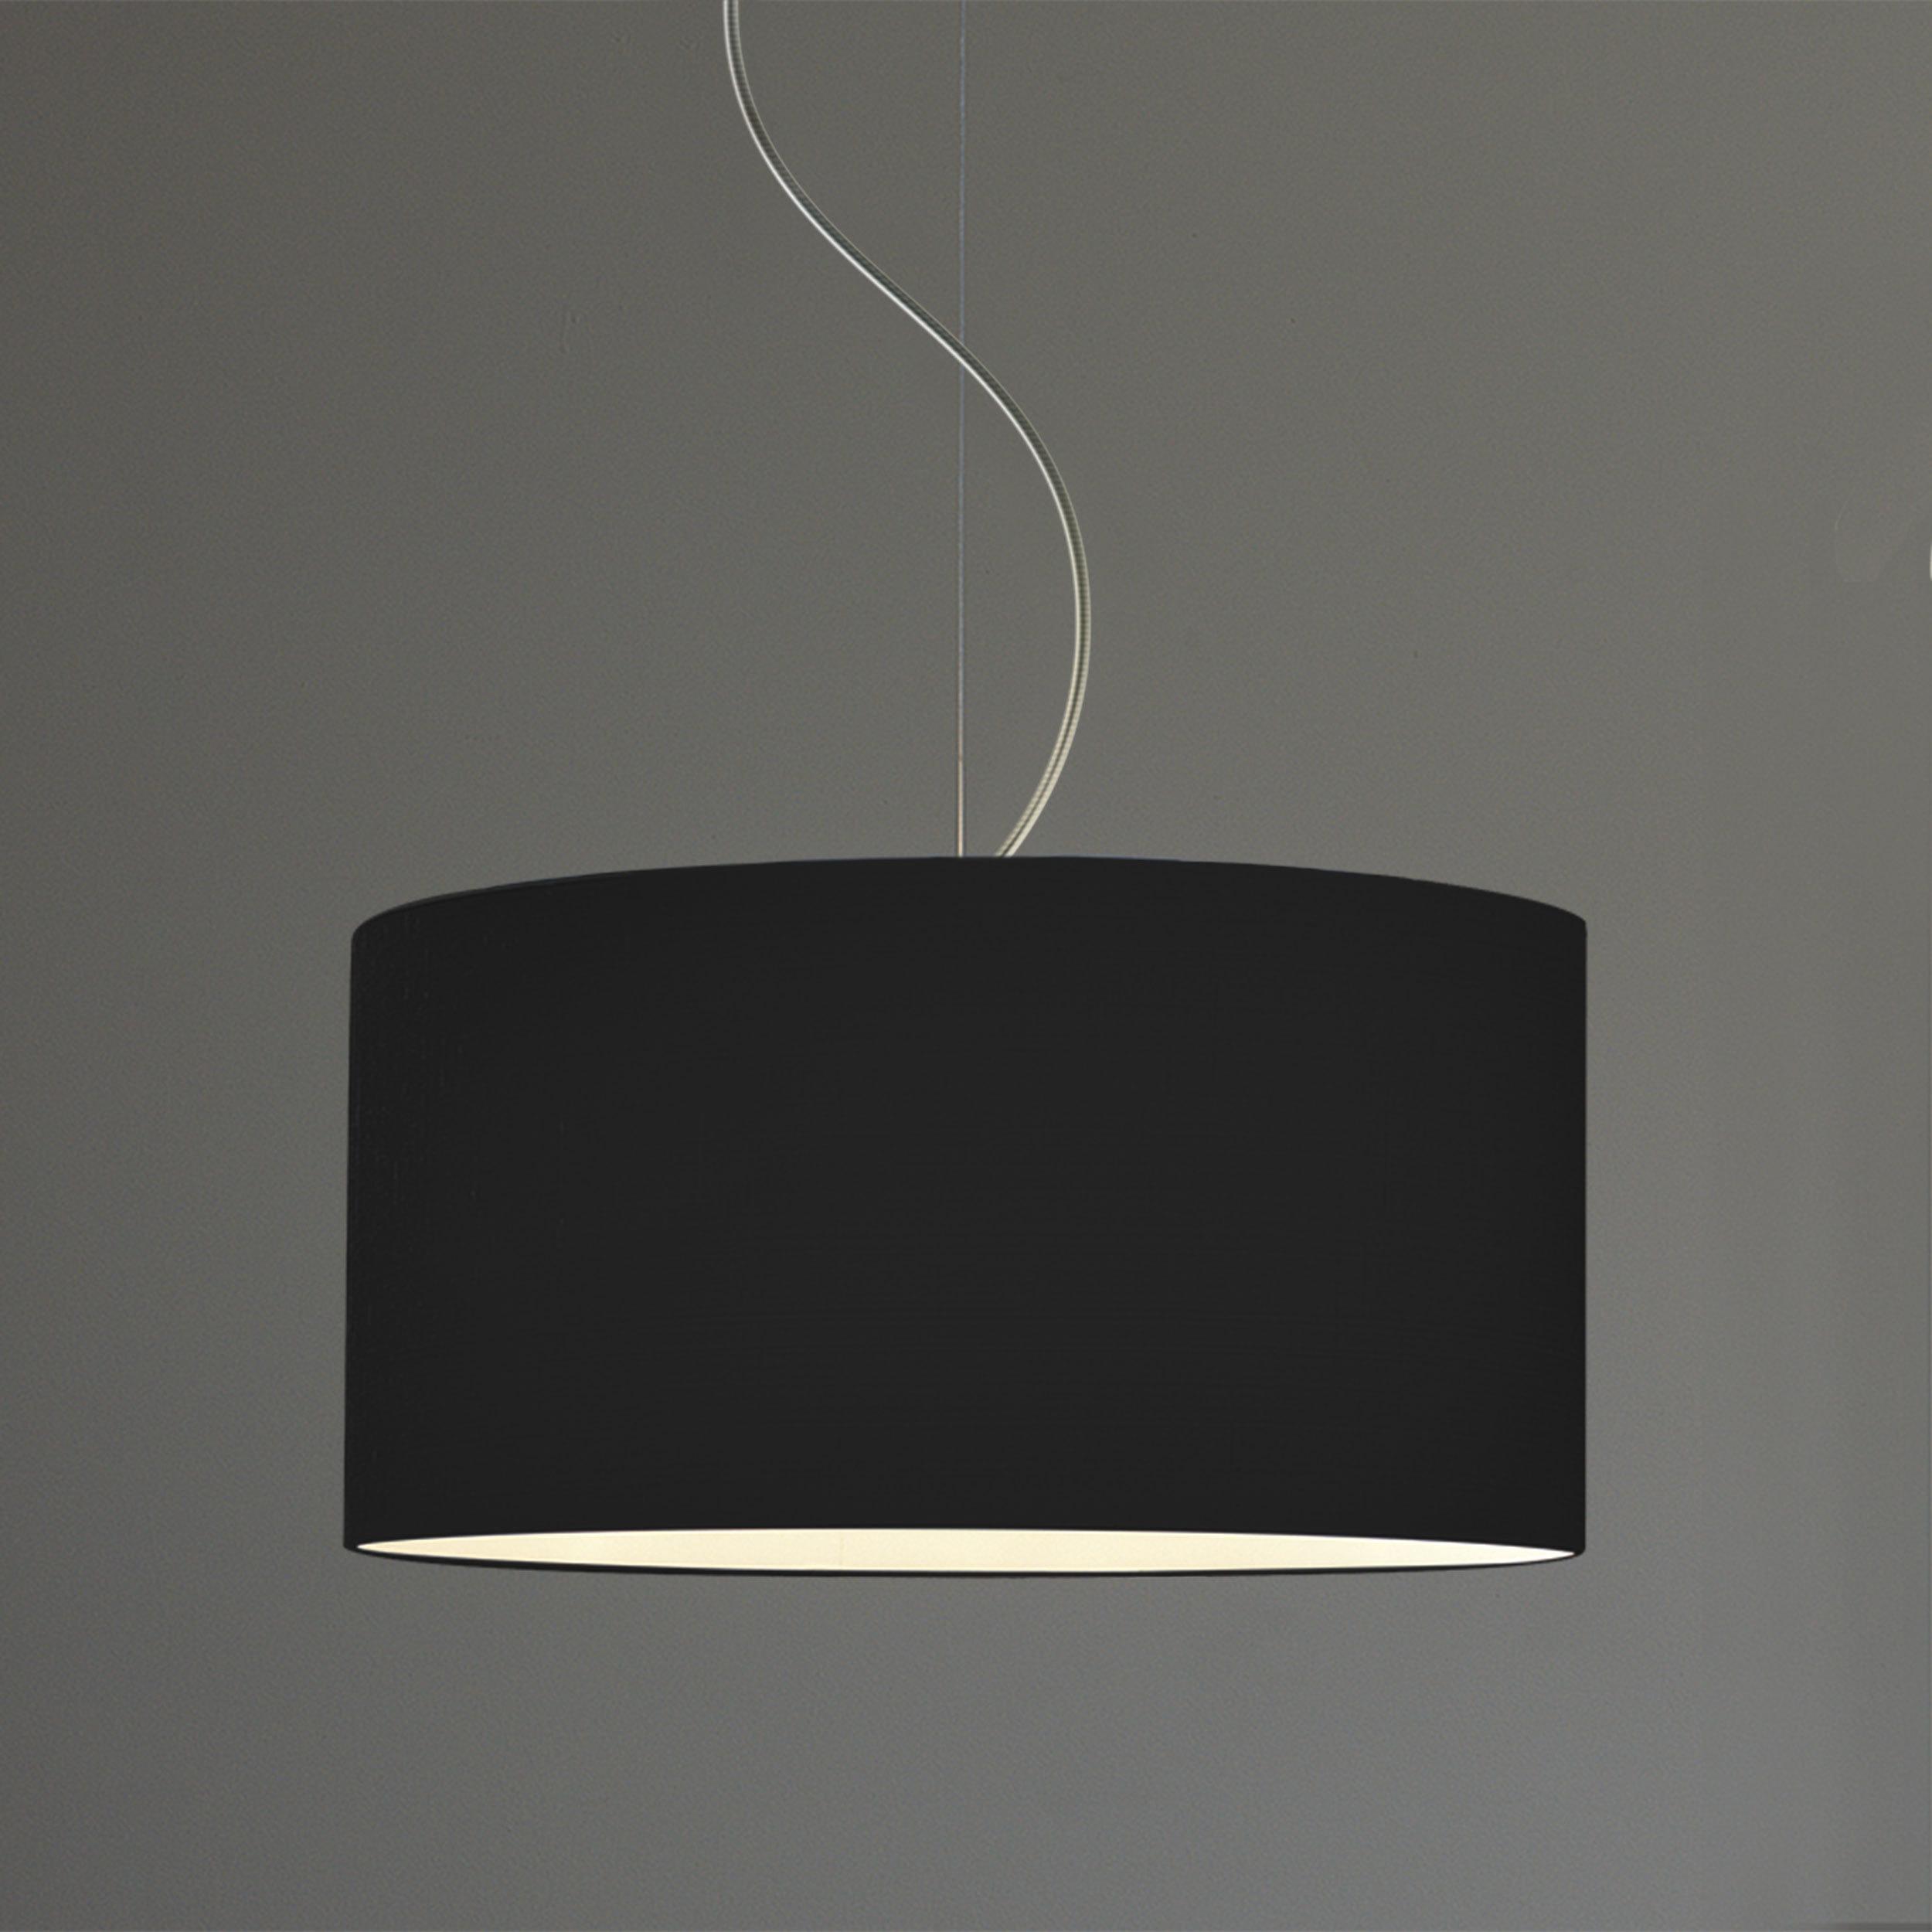 Абажур Astro Drum 5016011 (4157), черный, текстиль - фото 1